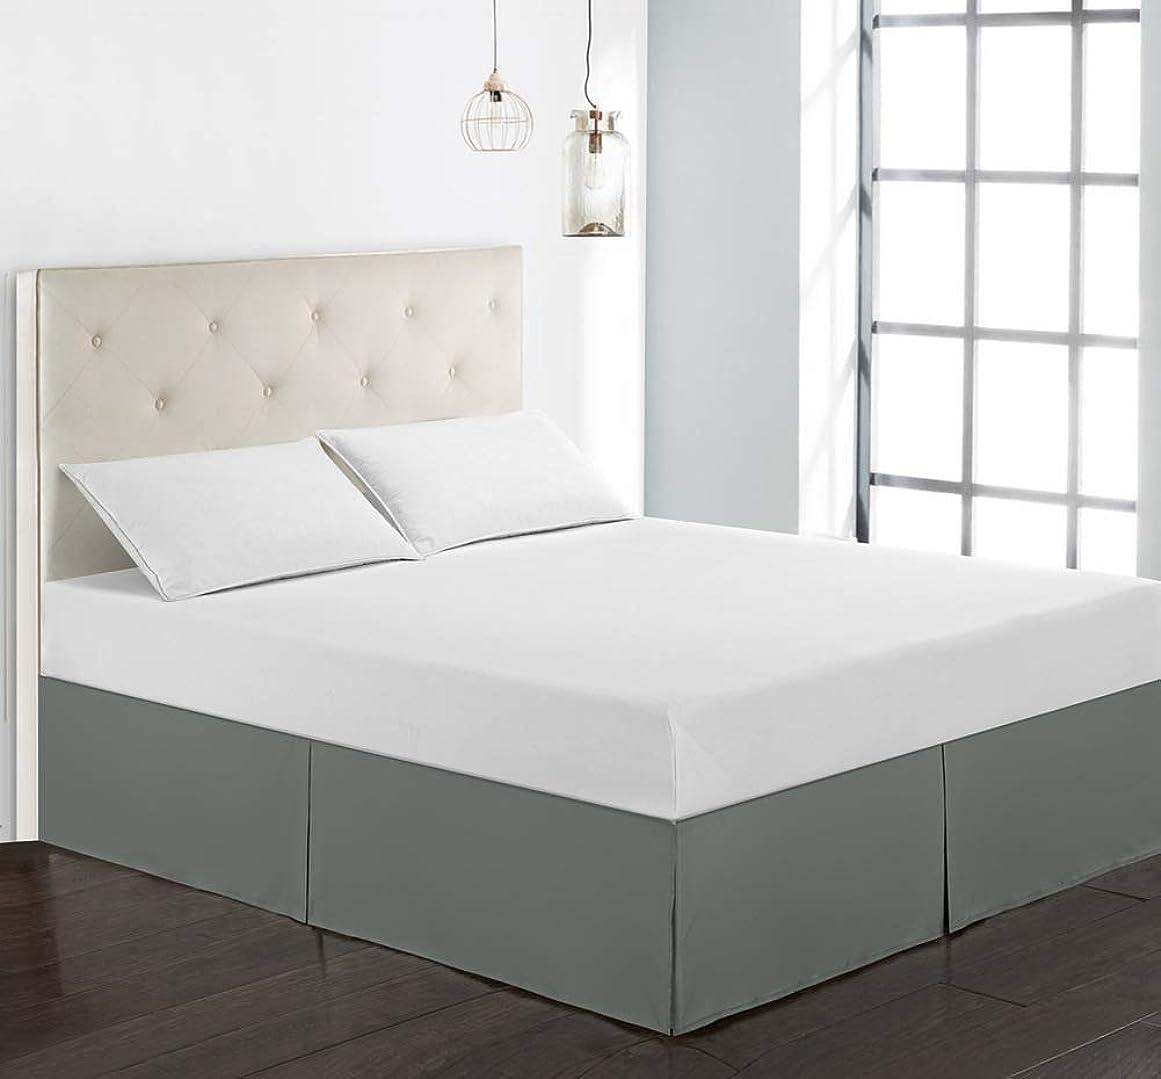 意図我慢する架空の無地ベッド スカート,1 つの作品 クシュクシュ ベッド カバー シート ほこり スリップ フィット バランス 簡単なケア ベッド カバー シート-D 99x190x38cm